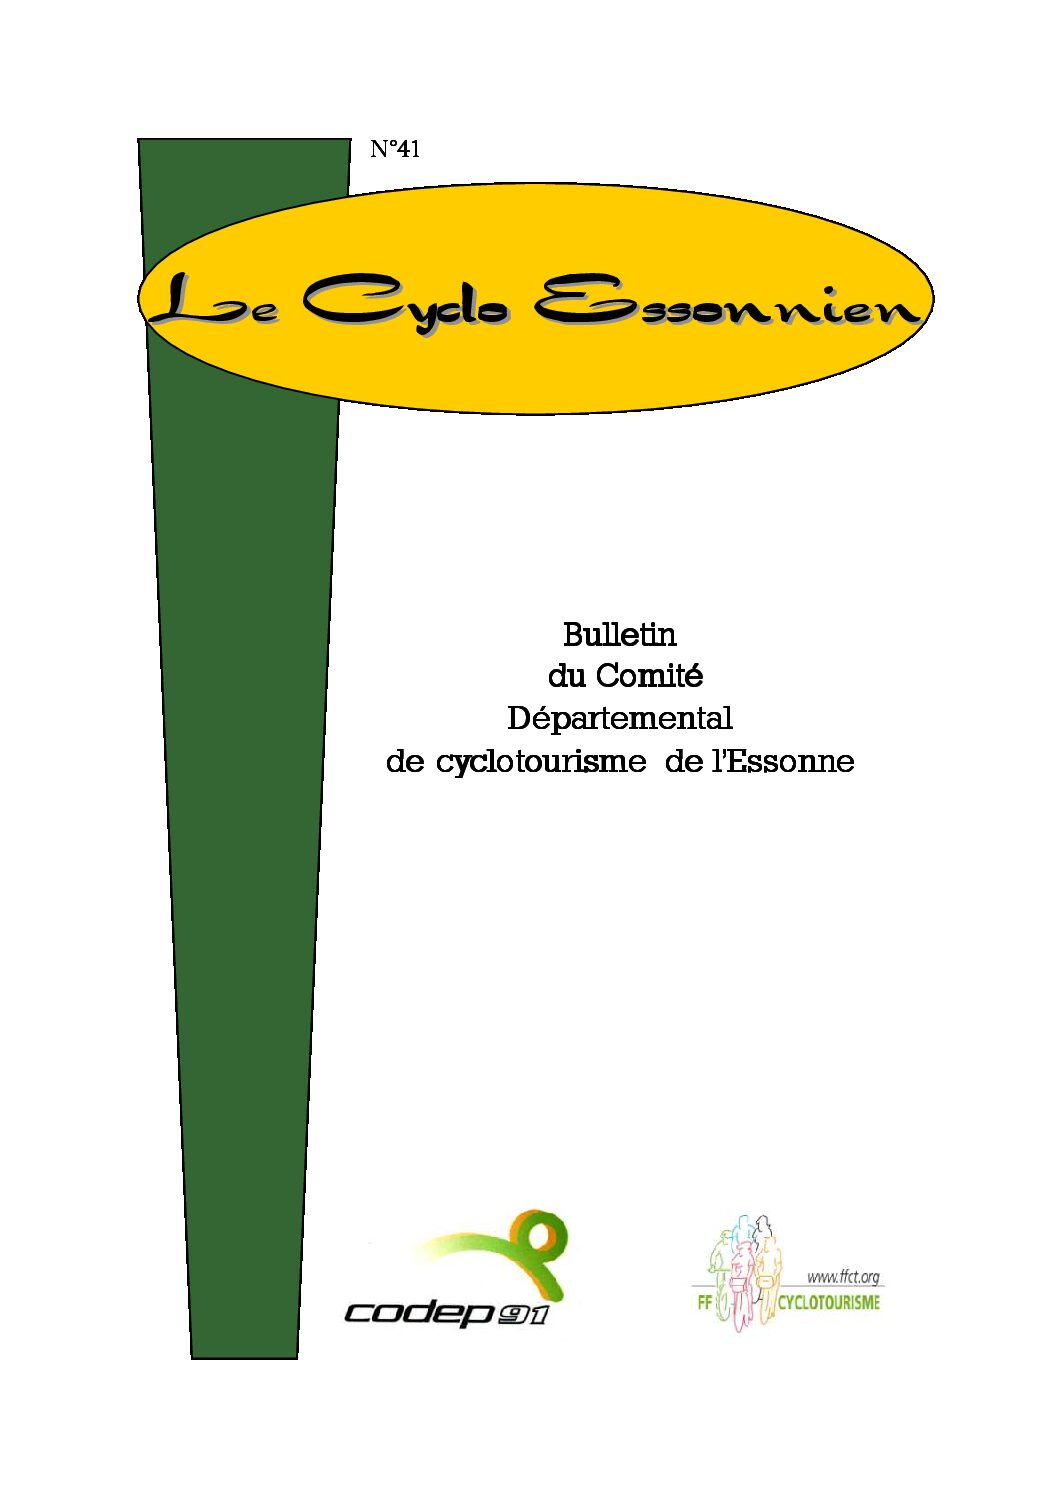 Le Cyclo Essonnien n°41